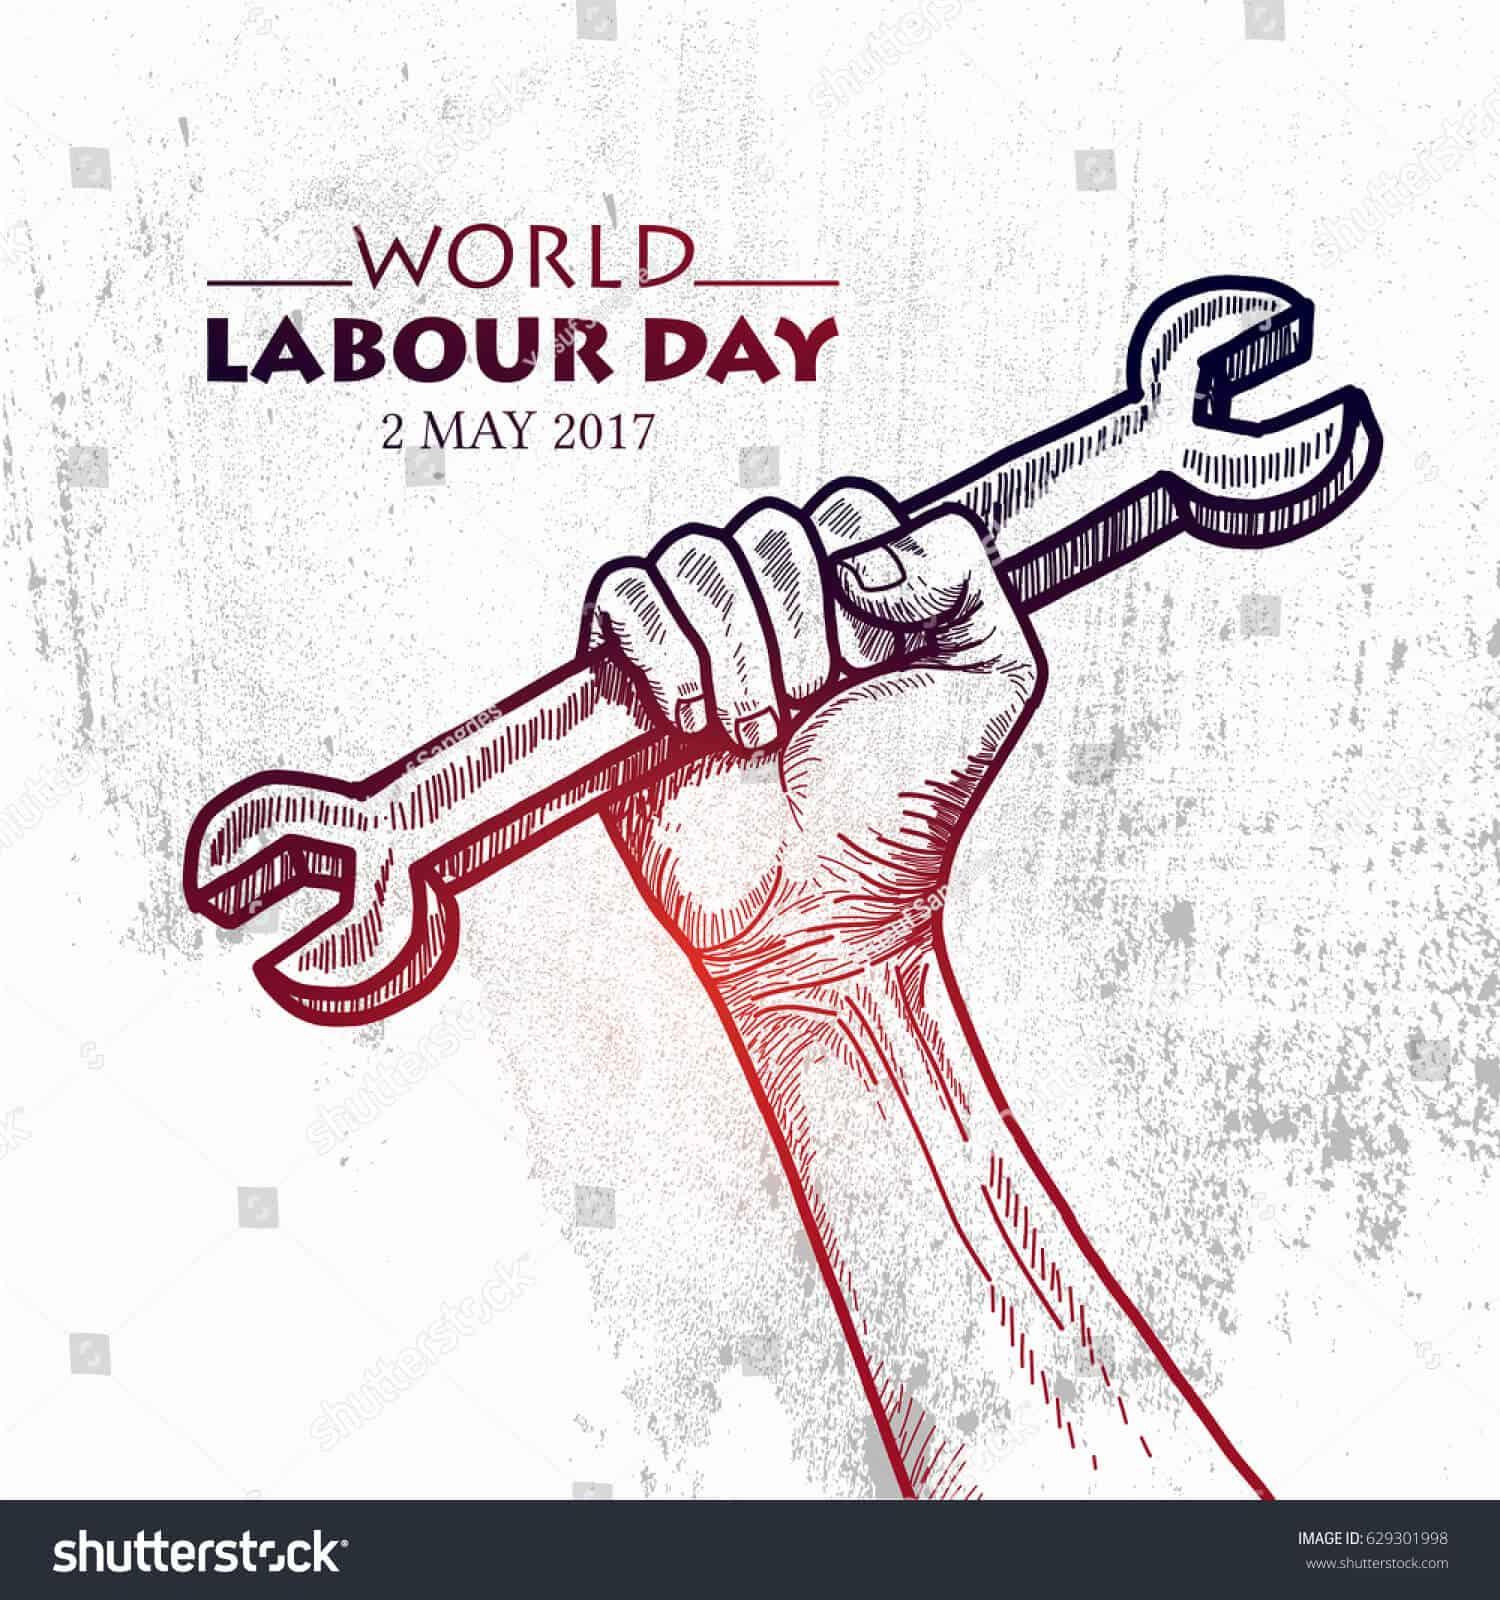 30400 hình ảnh quốc tế lao động chất lượng cao trên Shutterstock